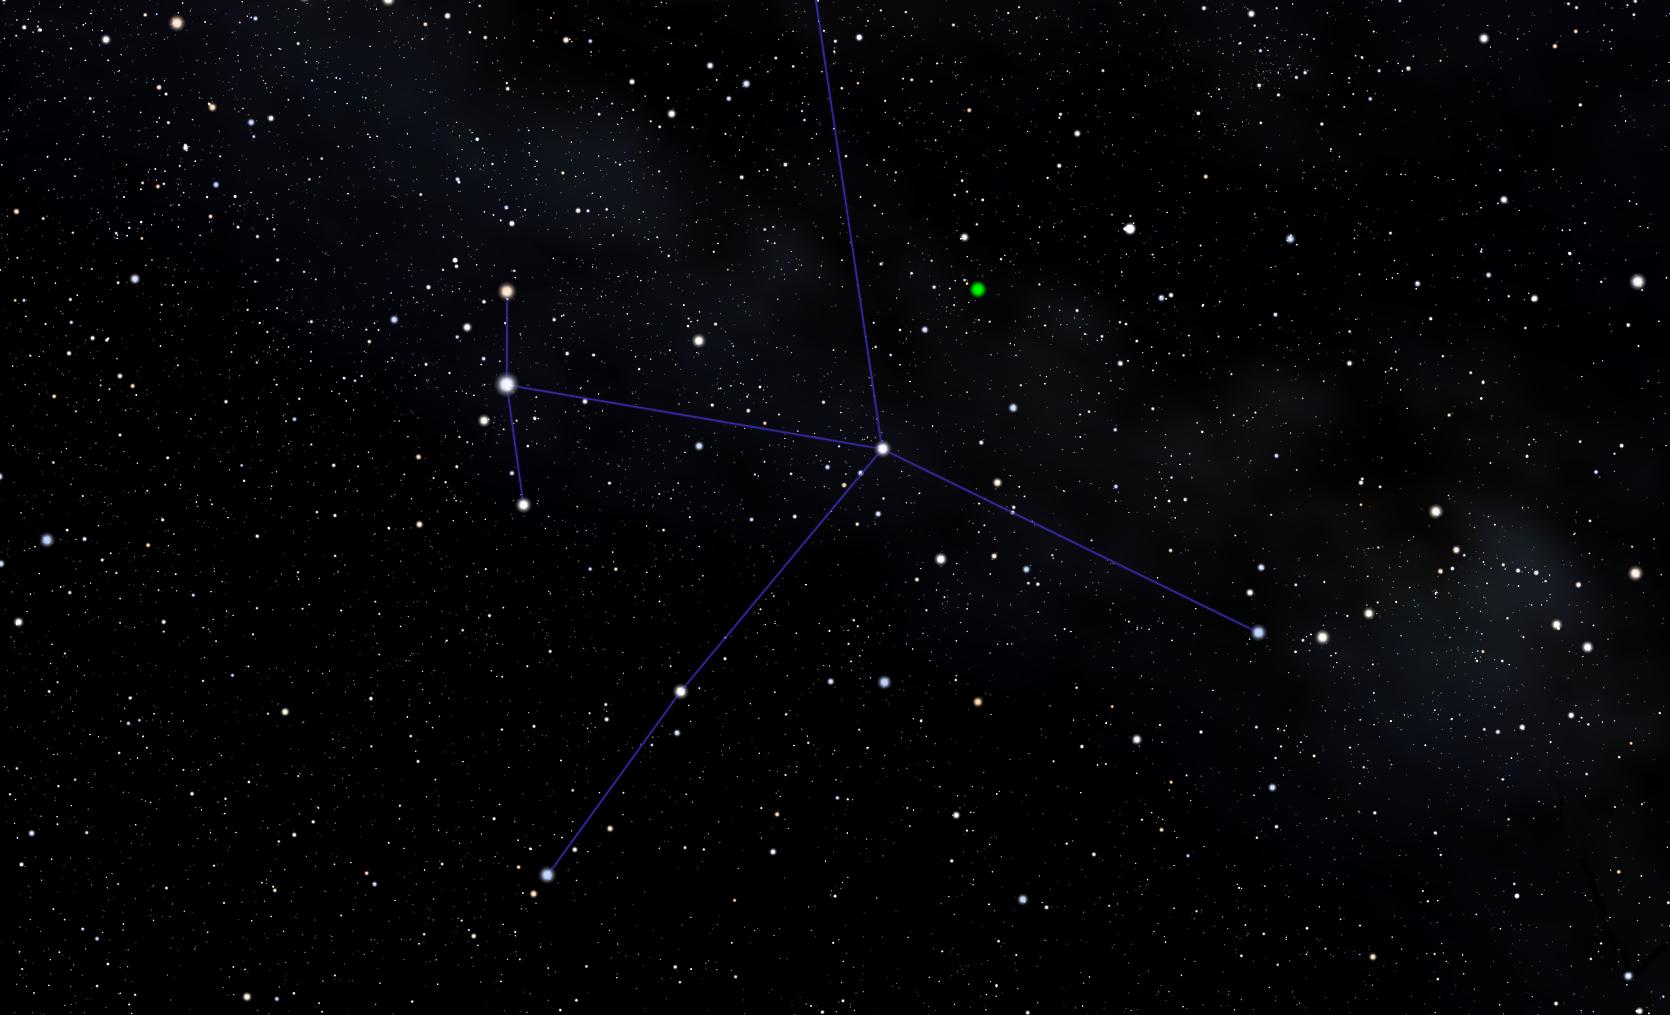 A Microquasar Makes a Giant Manatee Nebula